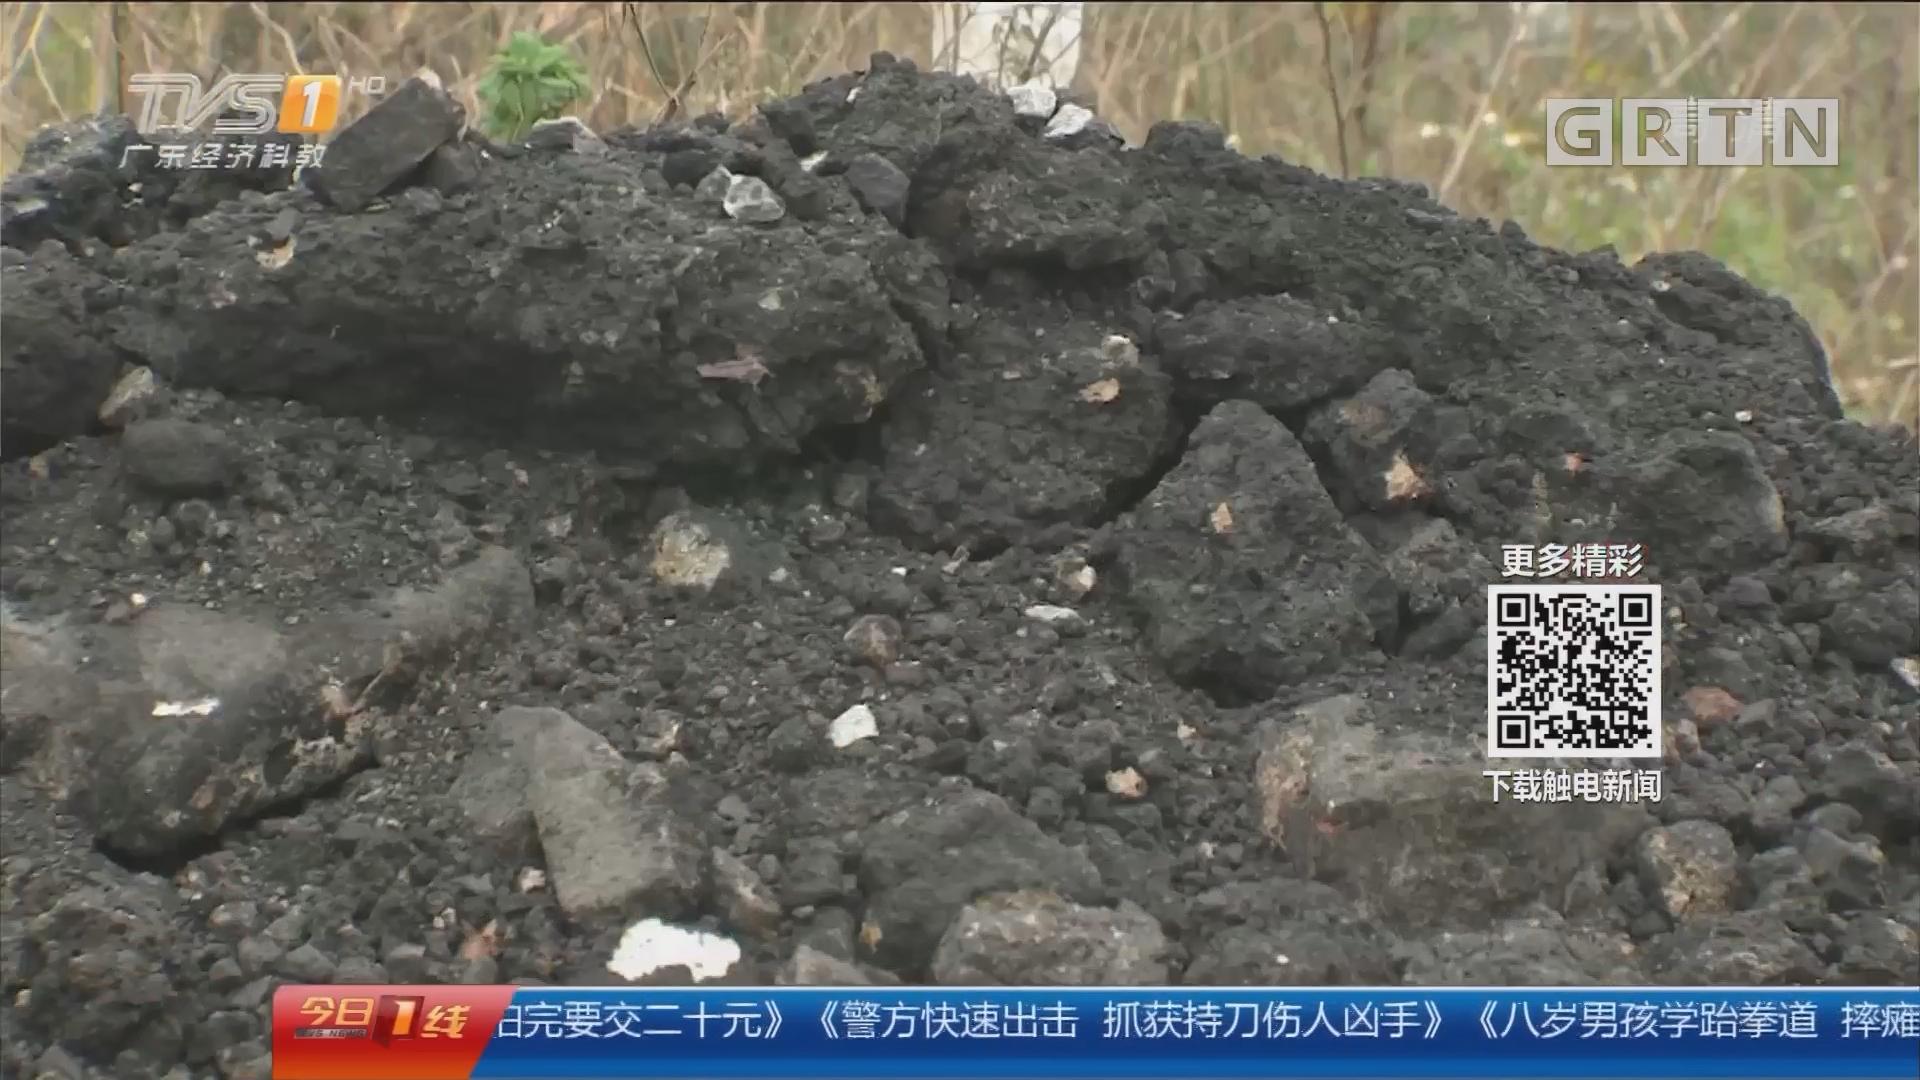 一线独家调查:惠州园洲 又见违规烧煤排黑烟 环保部门介入